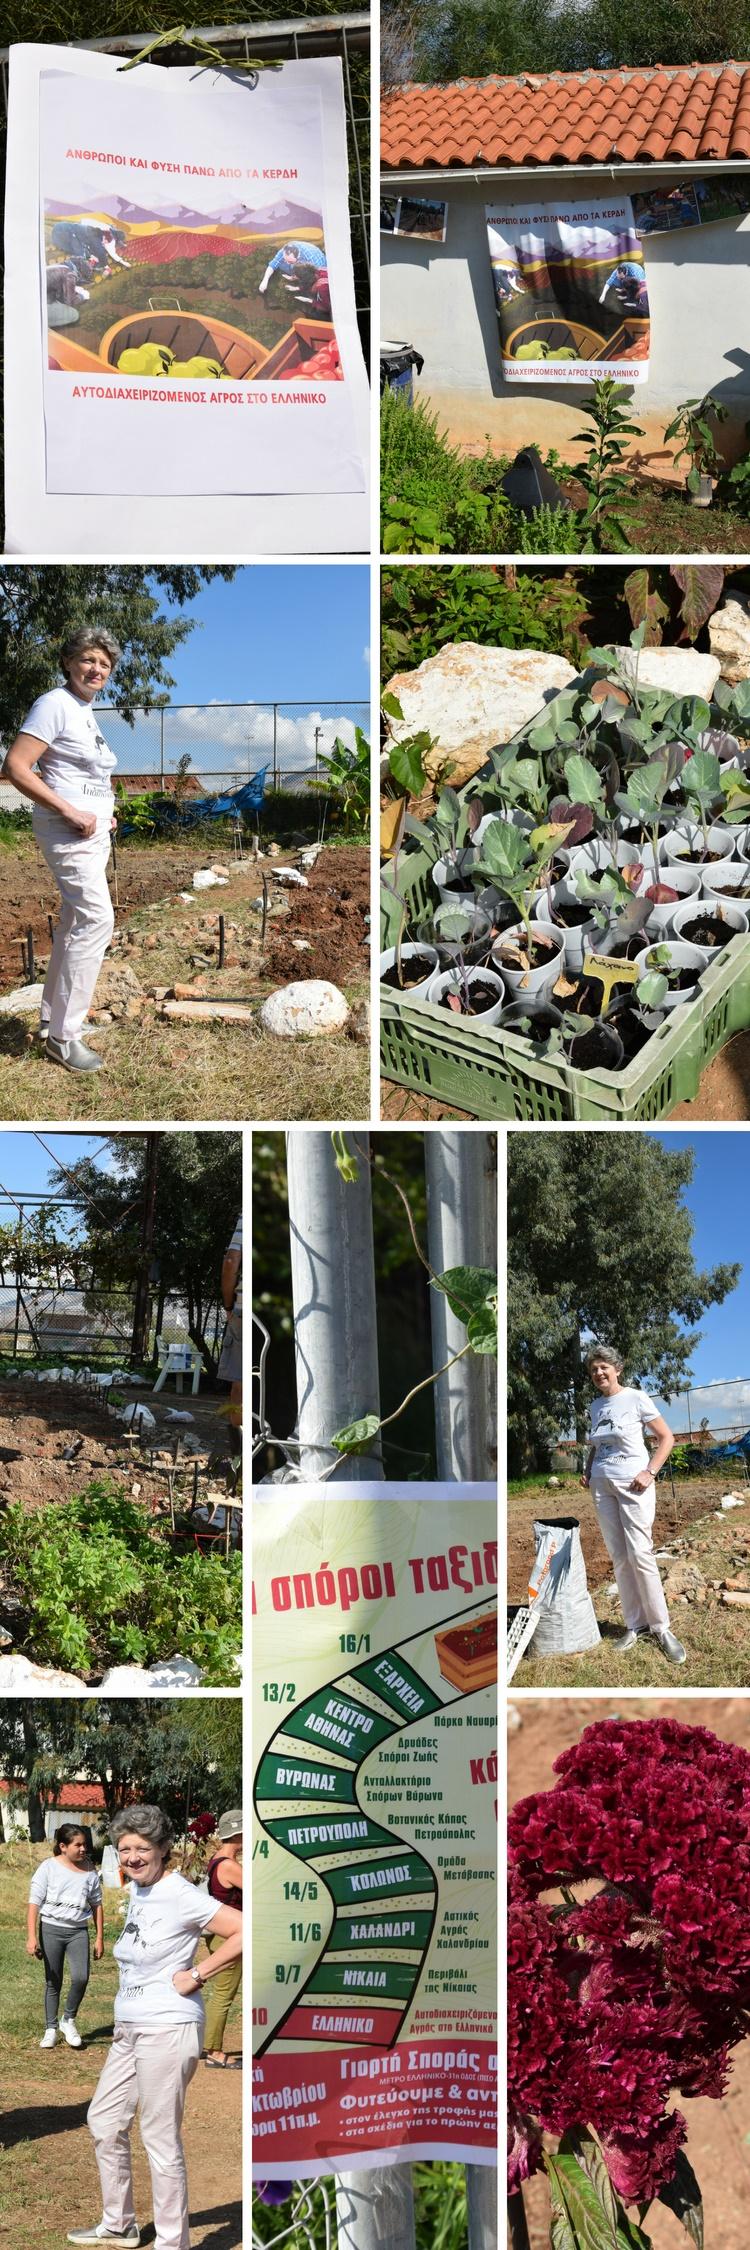 Η Ρίτα Χαριτάκη στον αυτοδιαχειριζόμενο αγρό του Ελληνικού - Φωτογραφίες στην Εναλλακτική Δράση